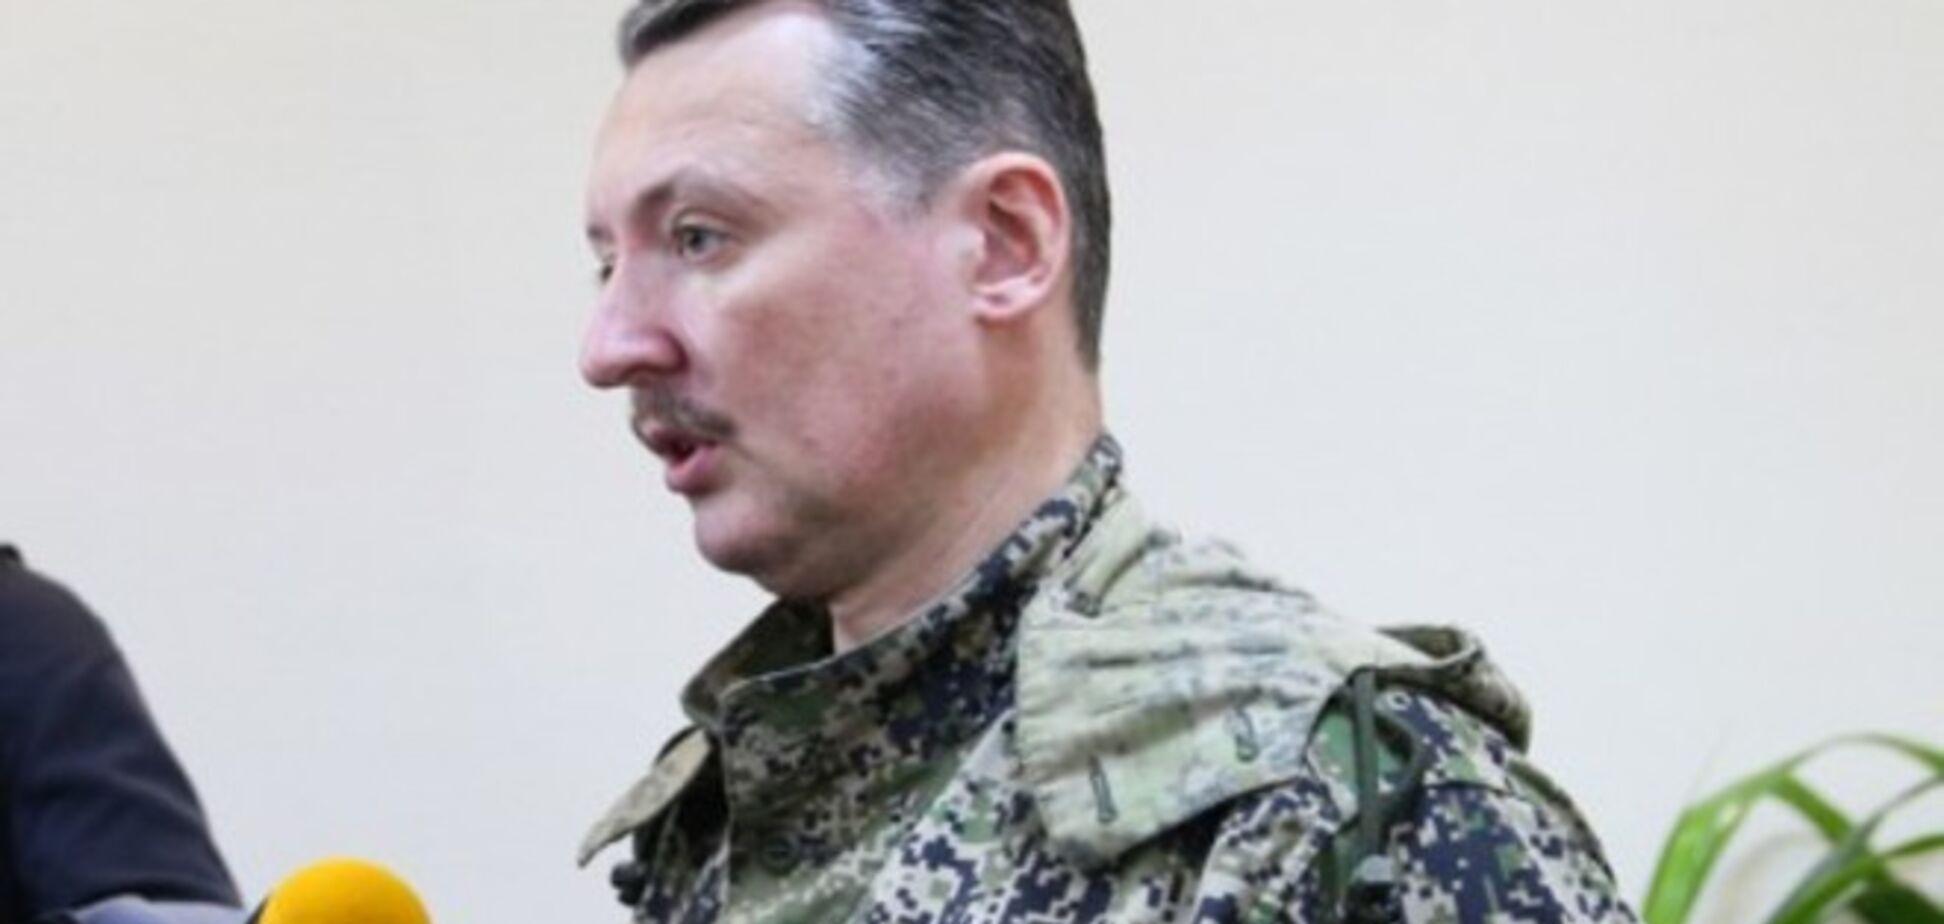 ГПУ инкриминирует террористу Стрелкову совершение терактов